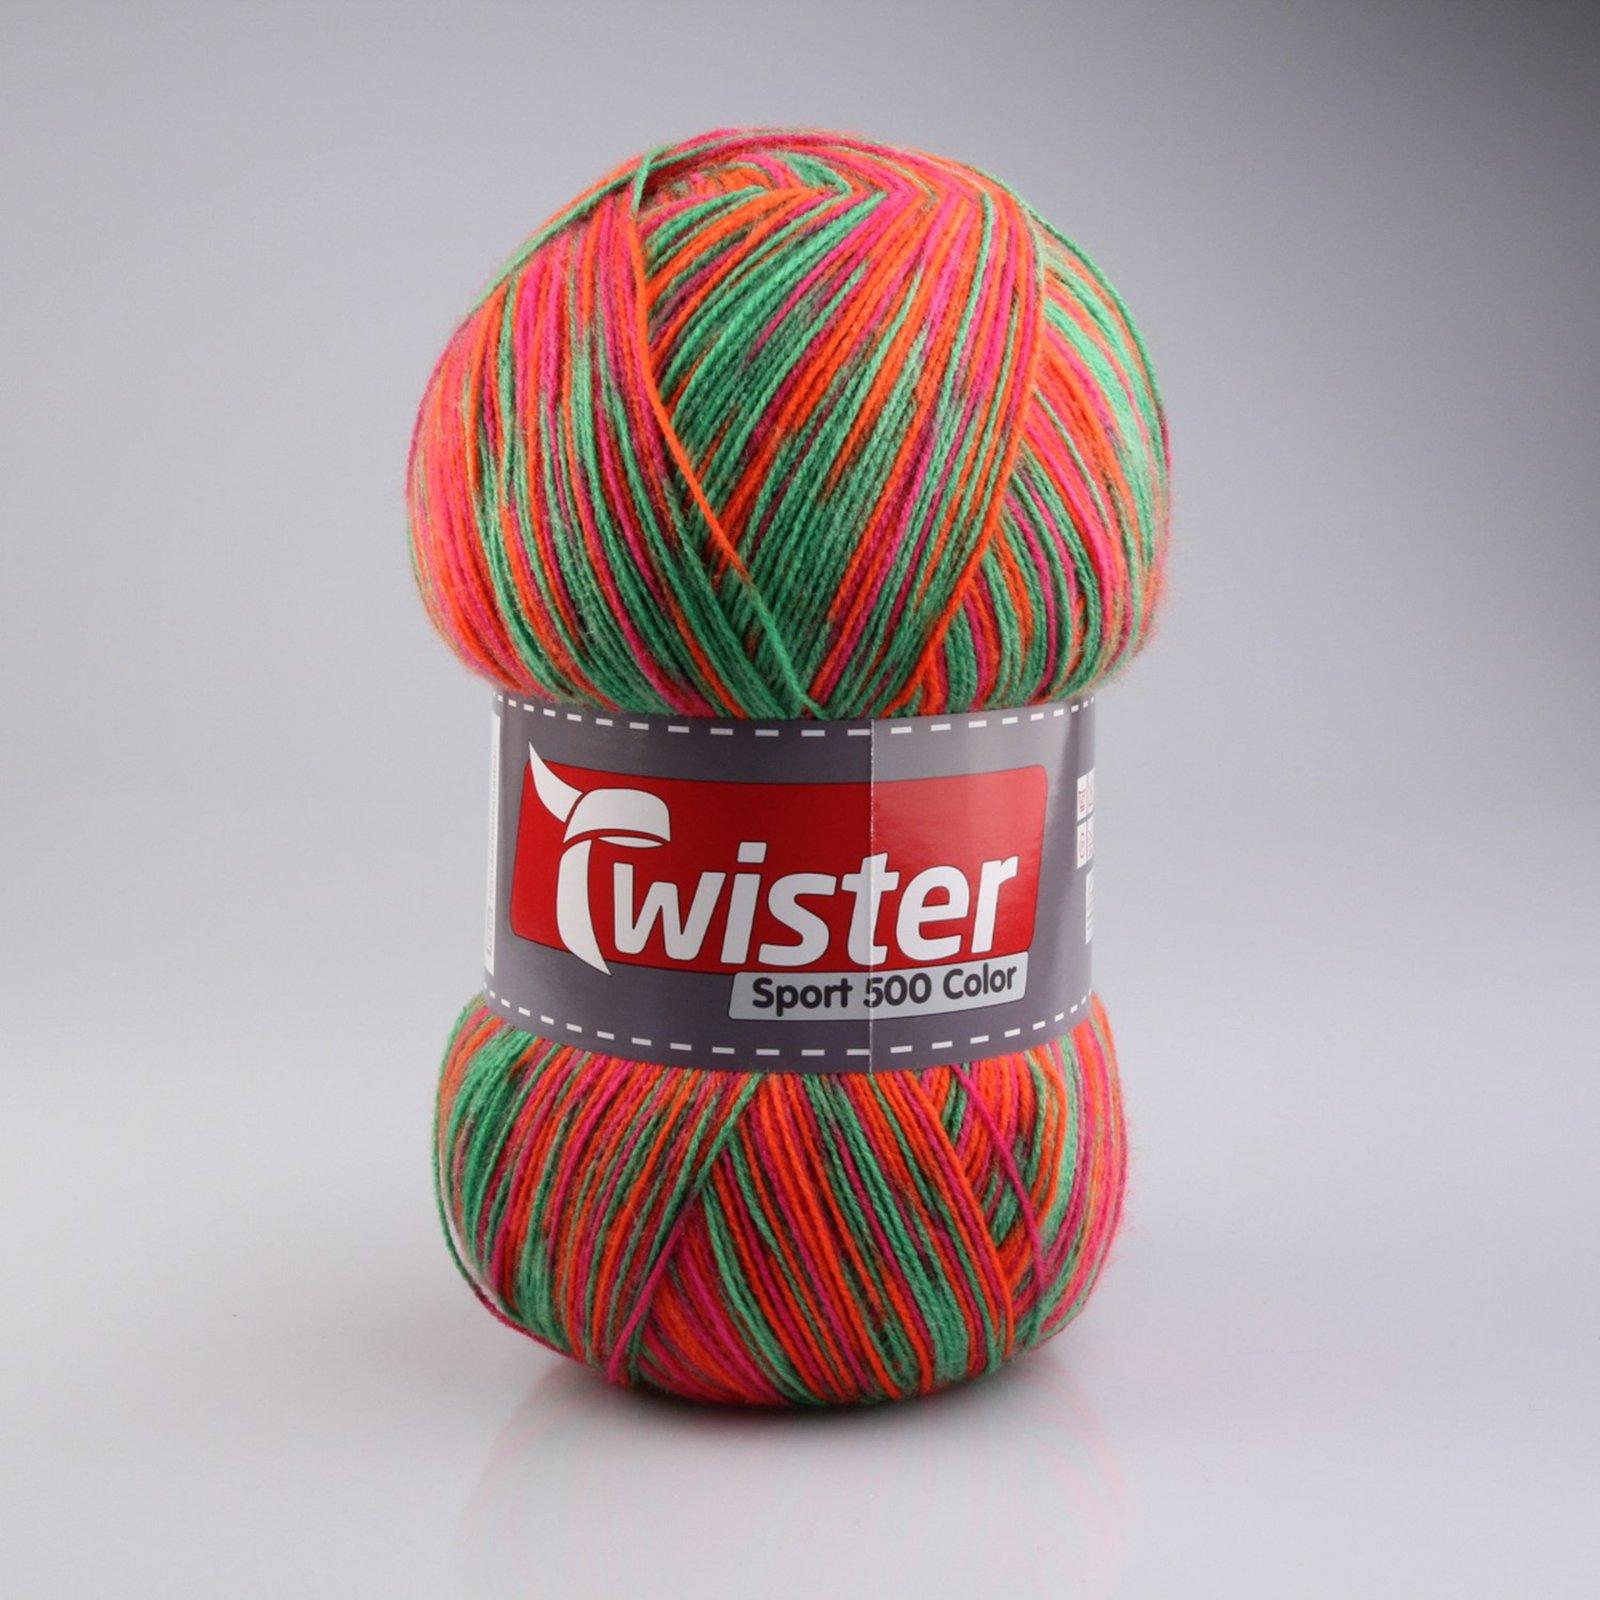 Wolle TWISTER SPORT 500 C - gelb-pink-grün-orange - 500g